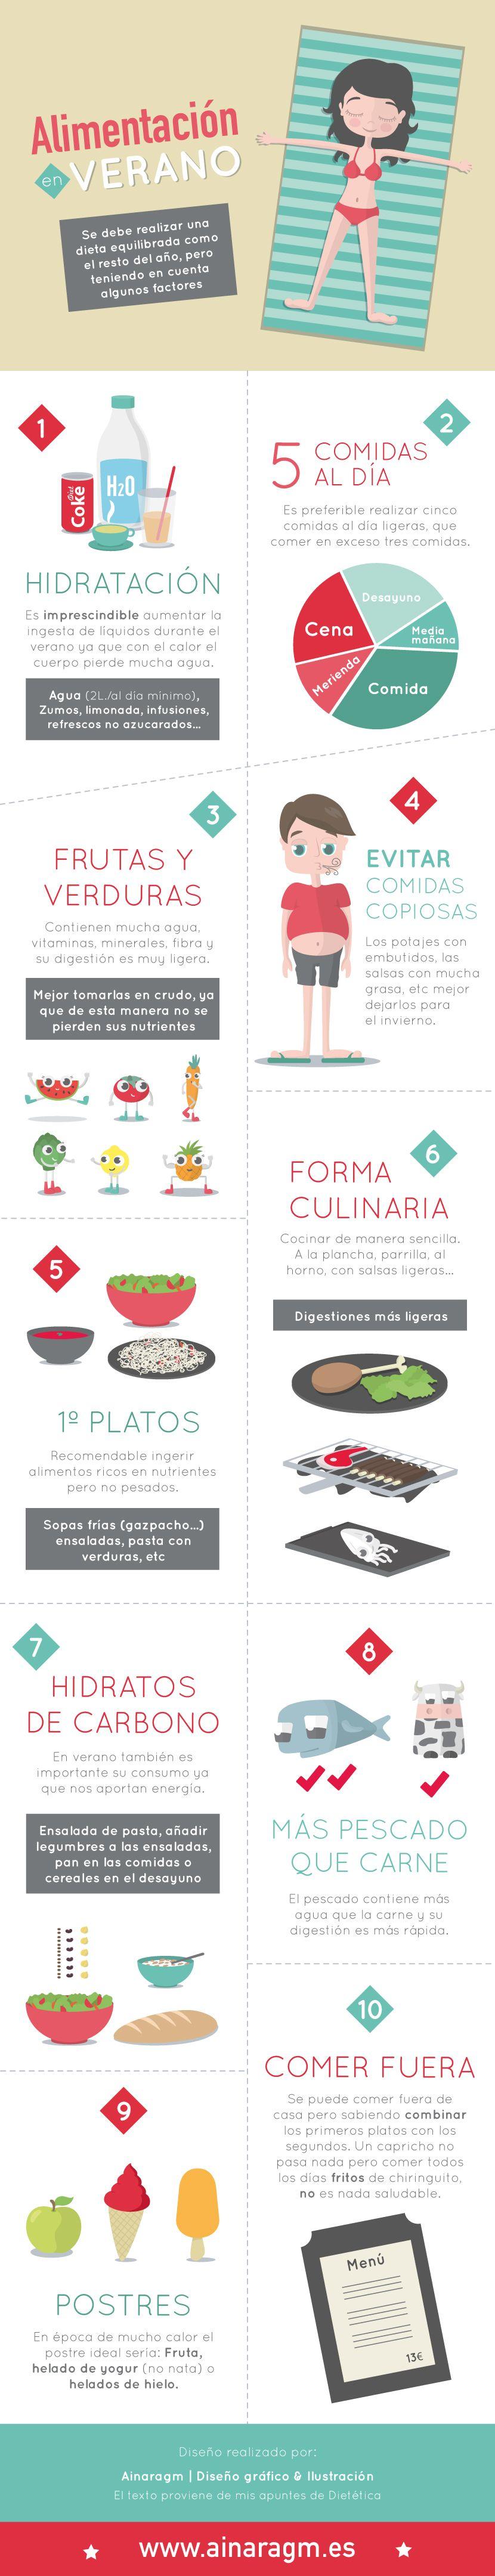 infografia alimentación verano